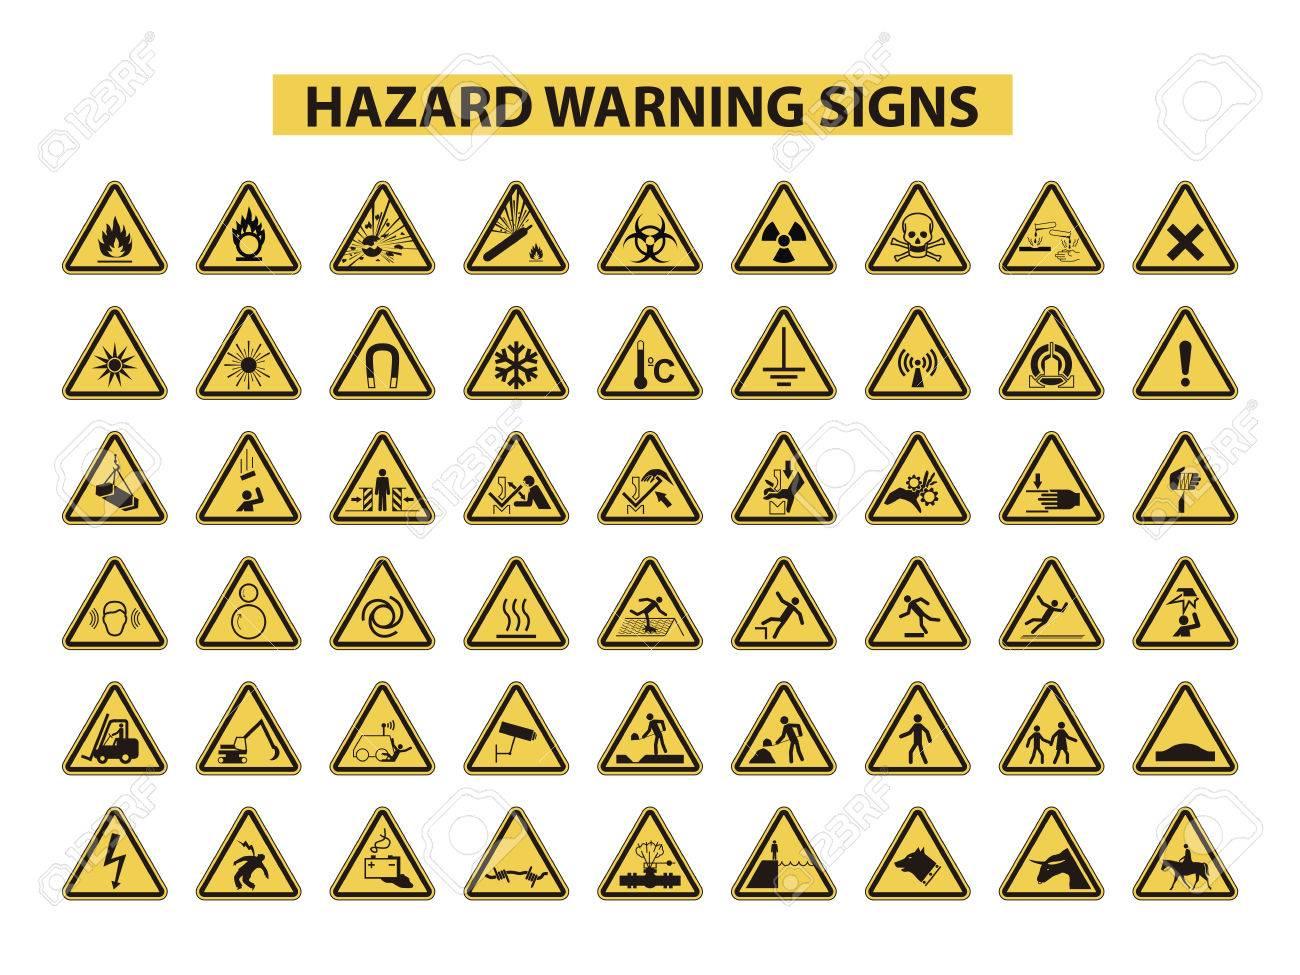 43a4d27a81dd5 Foto de archivo - Un conjunto de señales de advertencia de peligro en el  fondo blanco